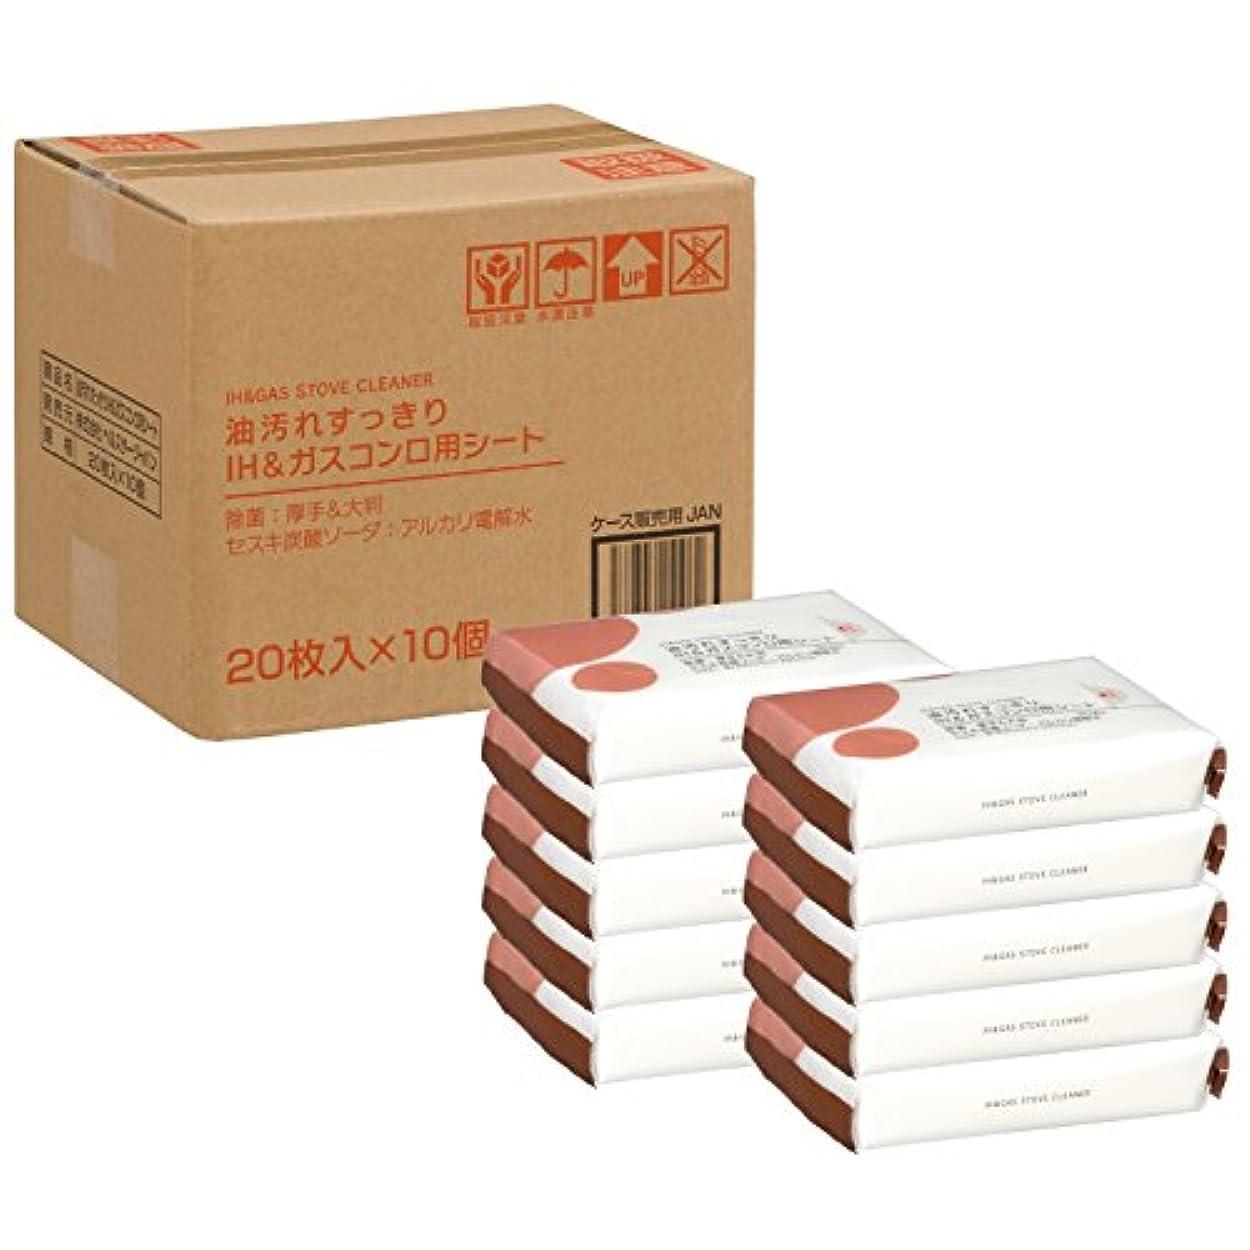 しなやかな遺伝的感じる【Amazon.co.jp限定】油汚れすっきりIH&ガスコンロ用シート 200枚(20枚x10個)